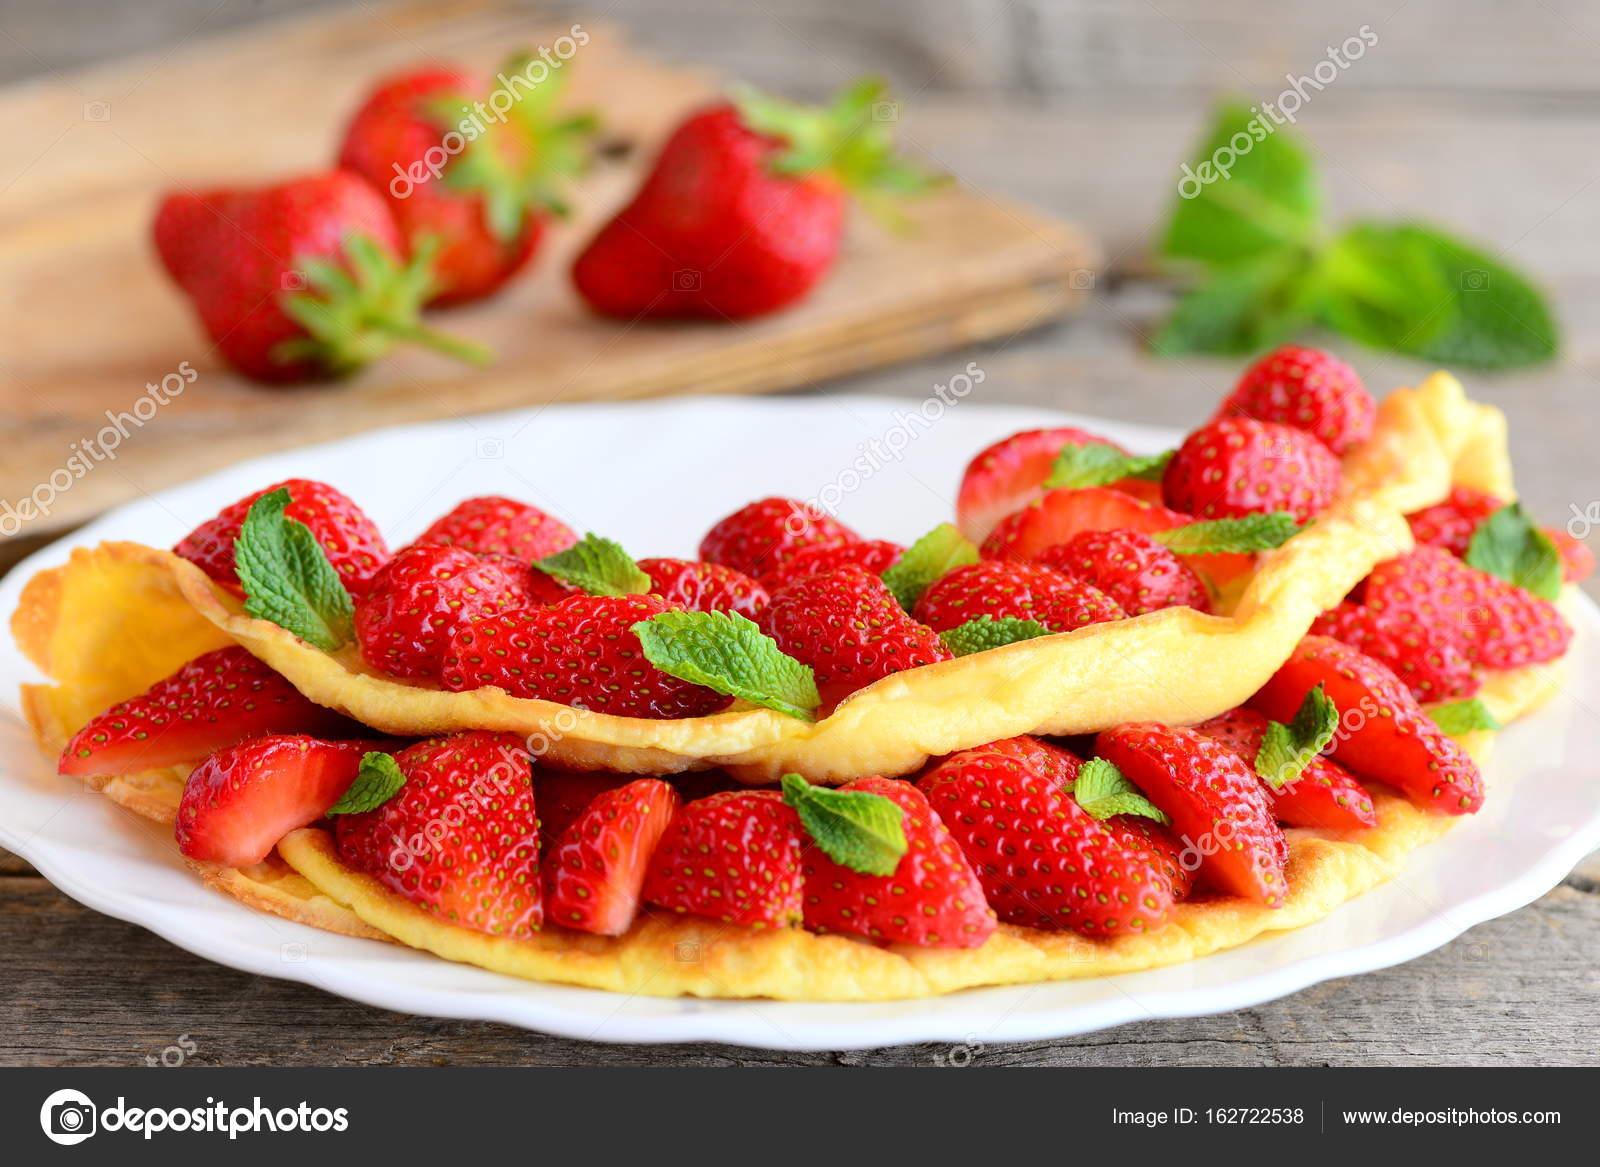 Tortilla Casera Rellena Con Fresas Frescas En Un Plato